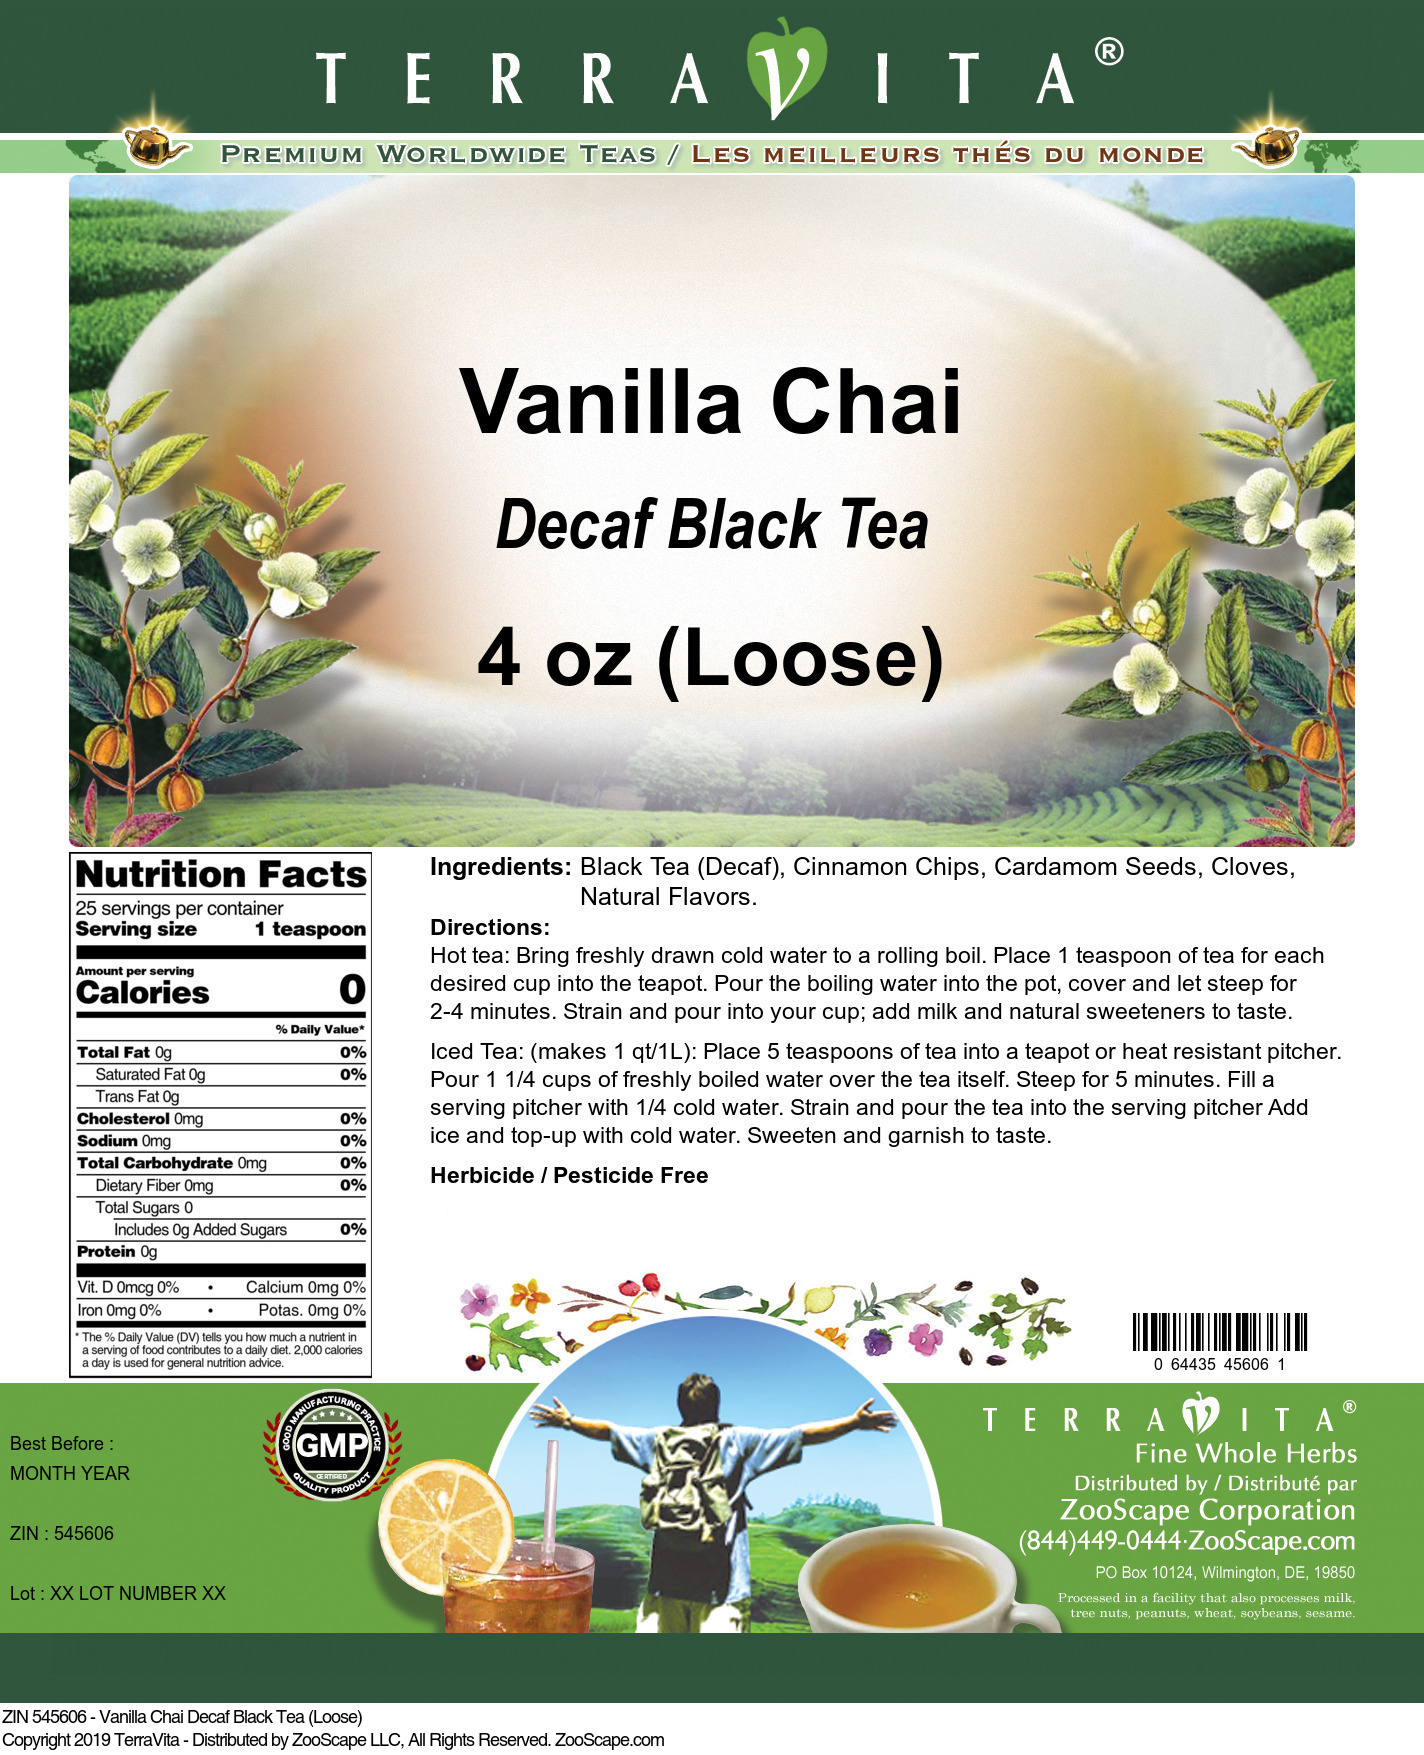 Vanilla Chai Decaf Black Tea (Loose)